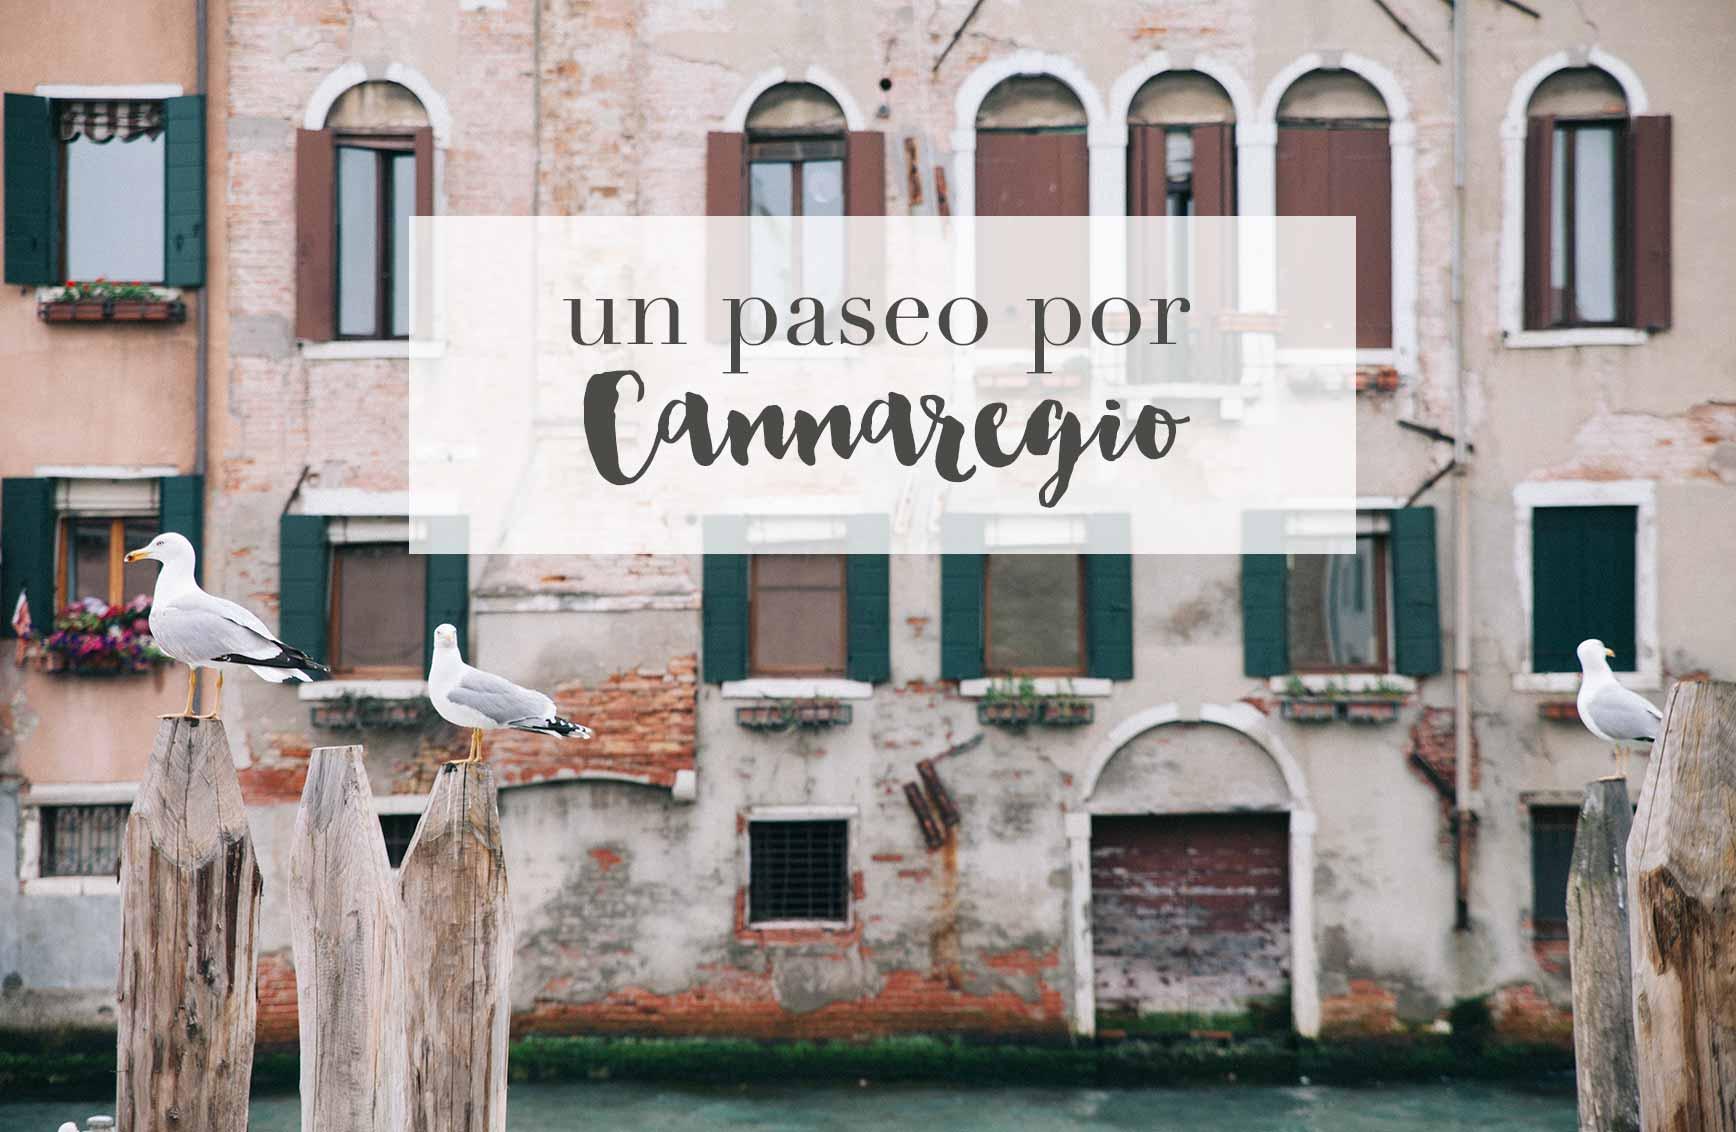 Venecia - Cannaregio